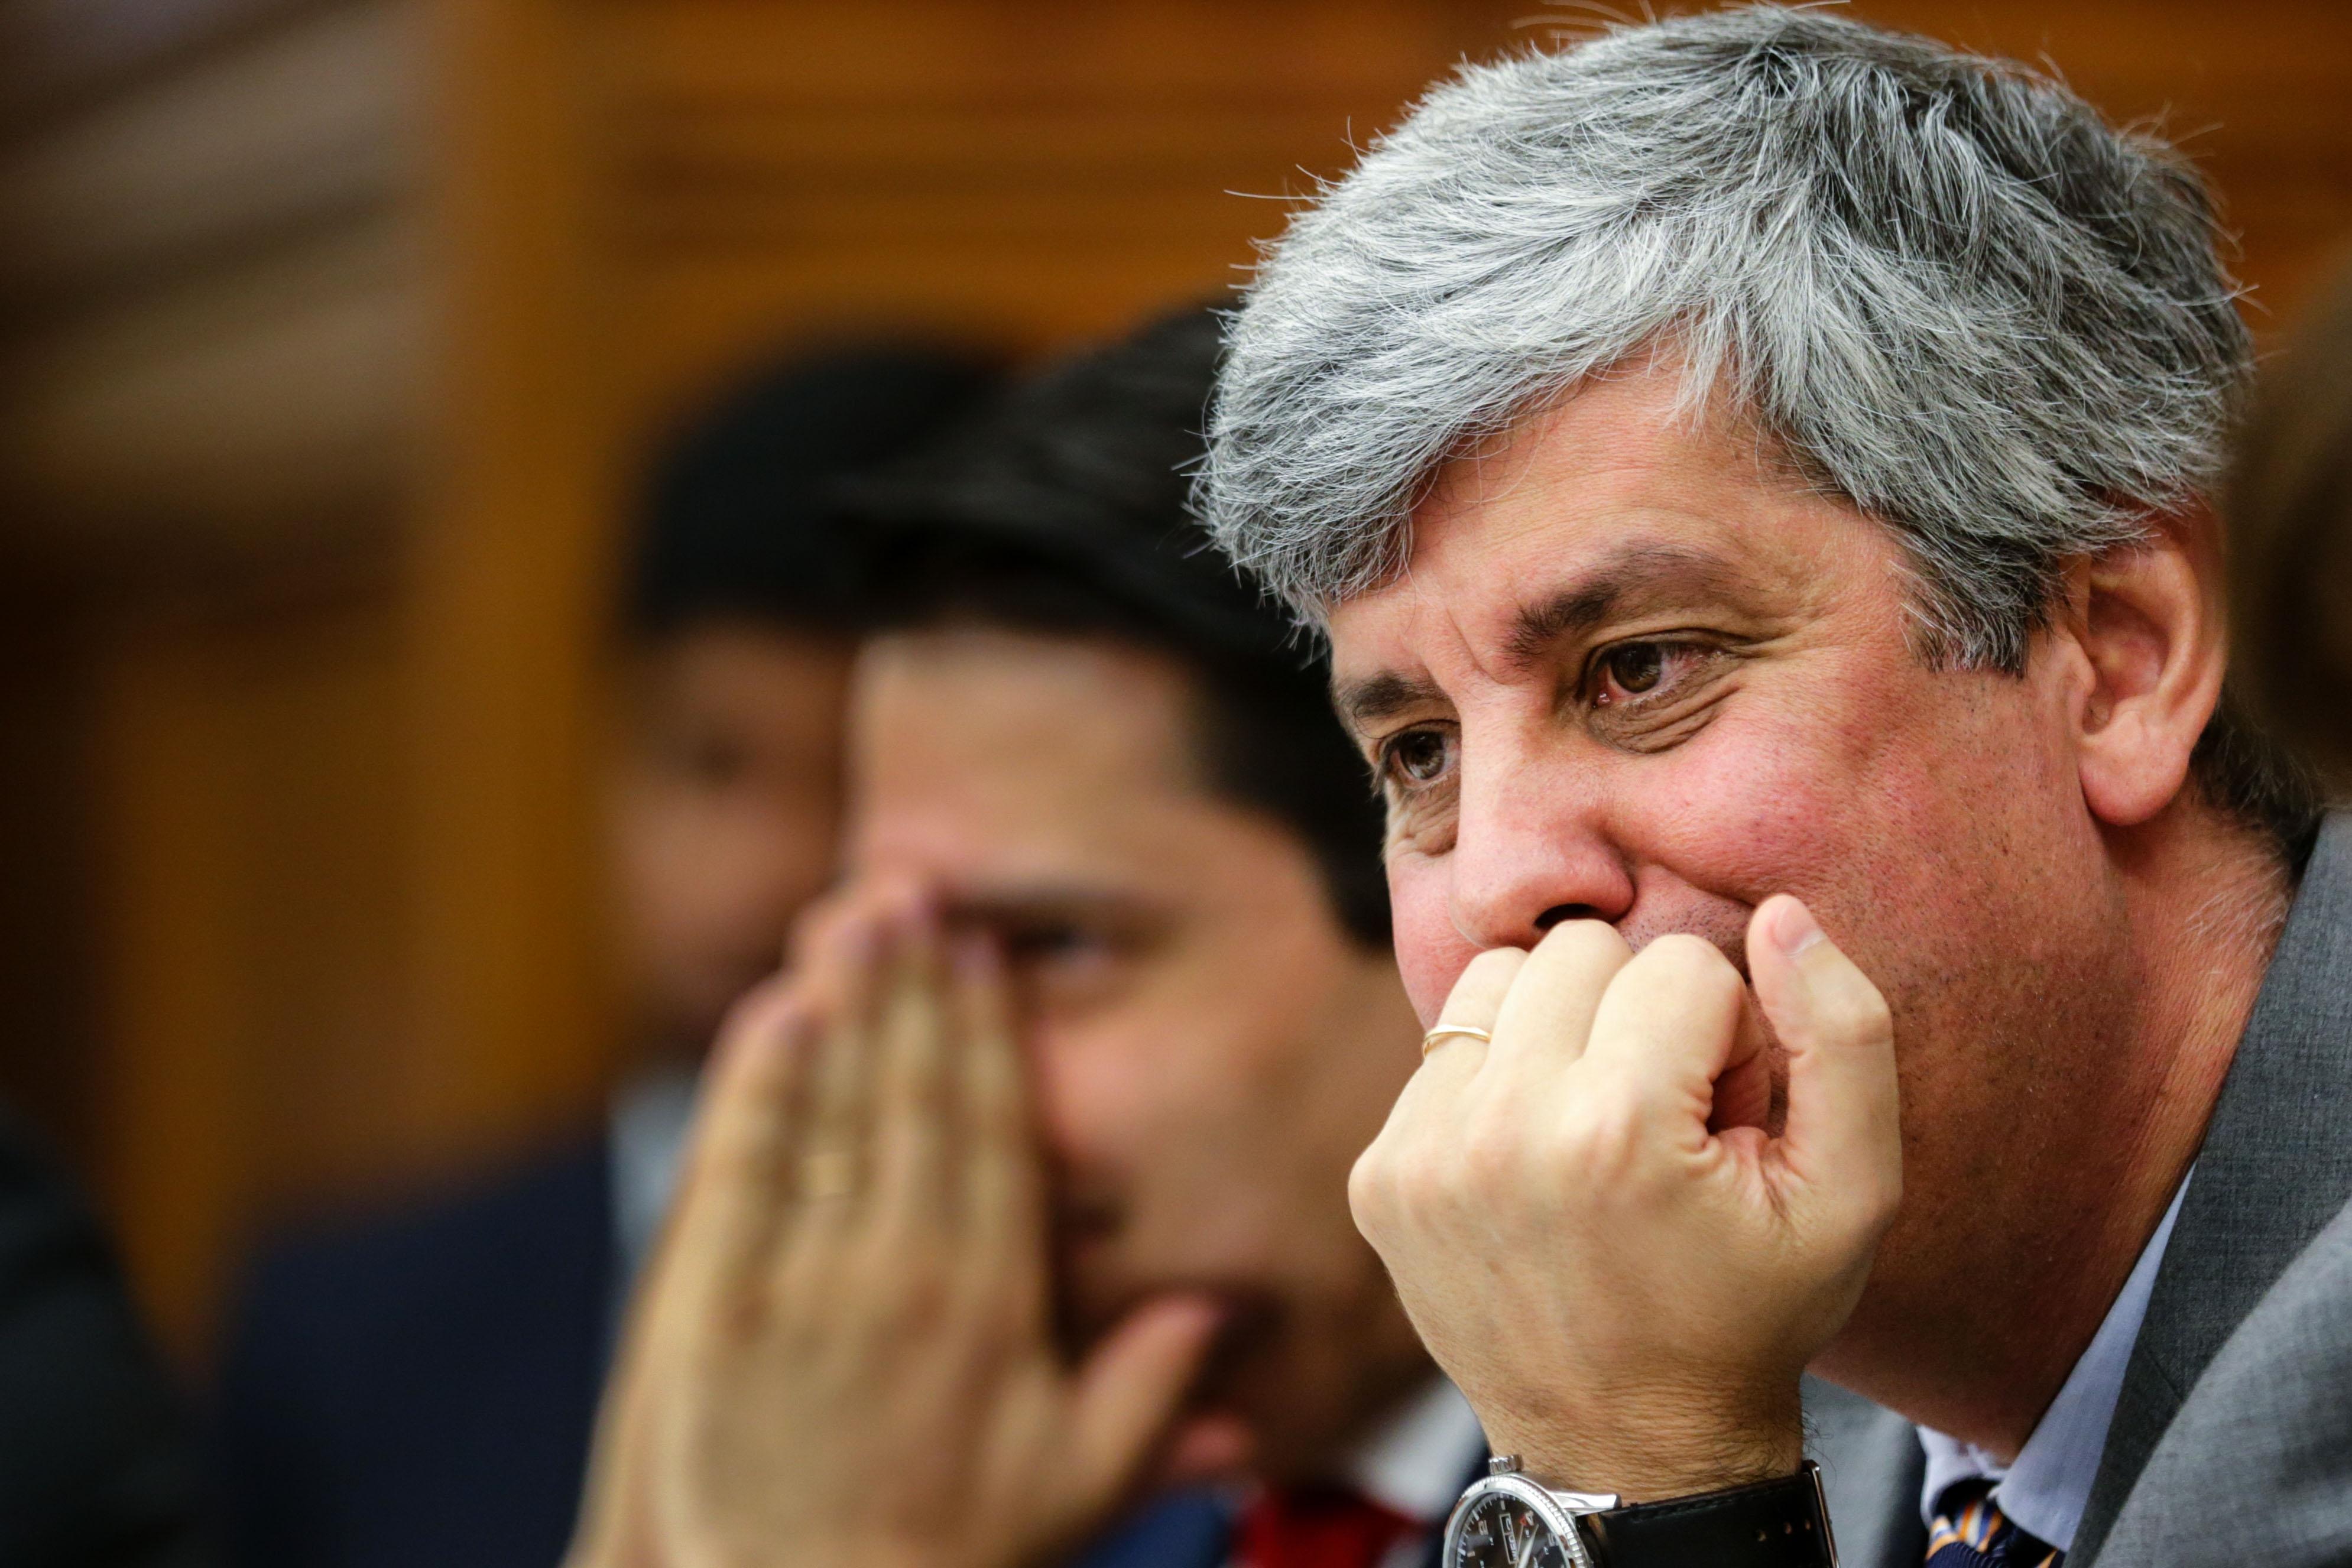 DGO. Reembolsos do IRS fazem subir défice em 264 milhões até junho